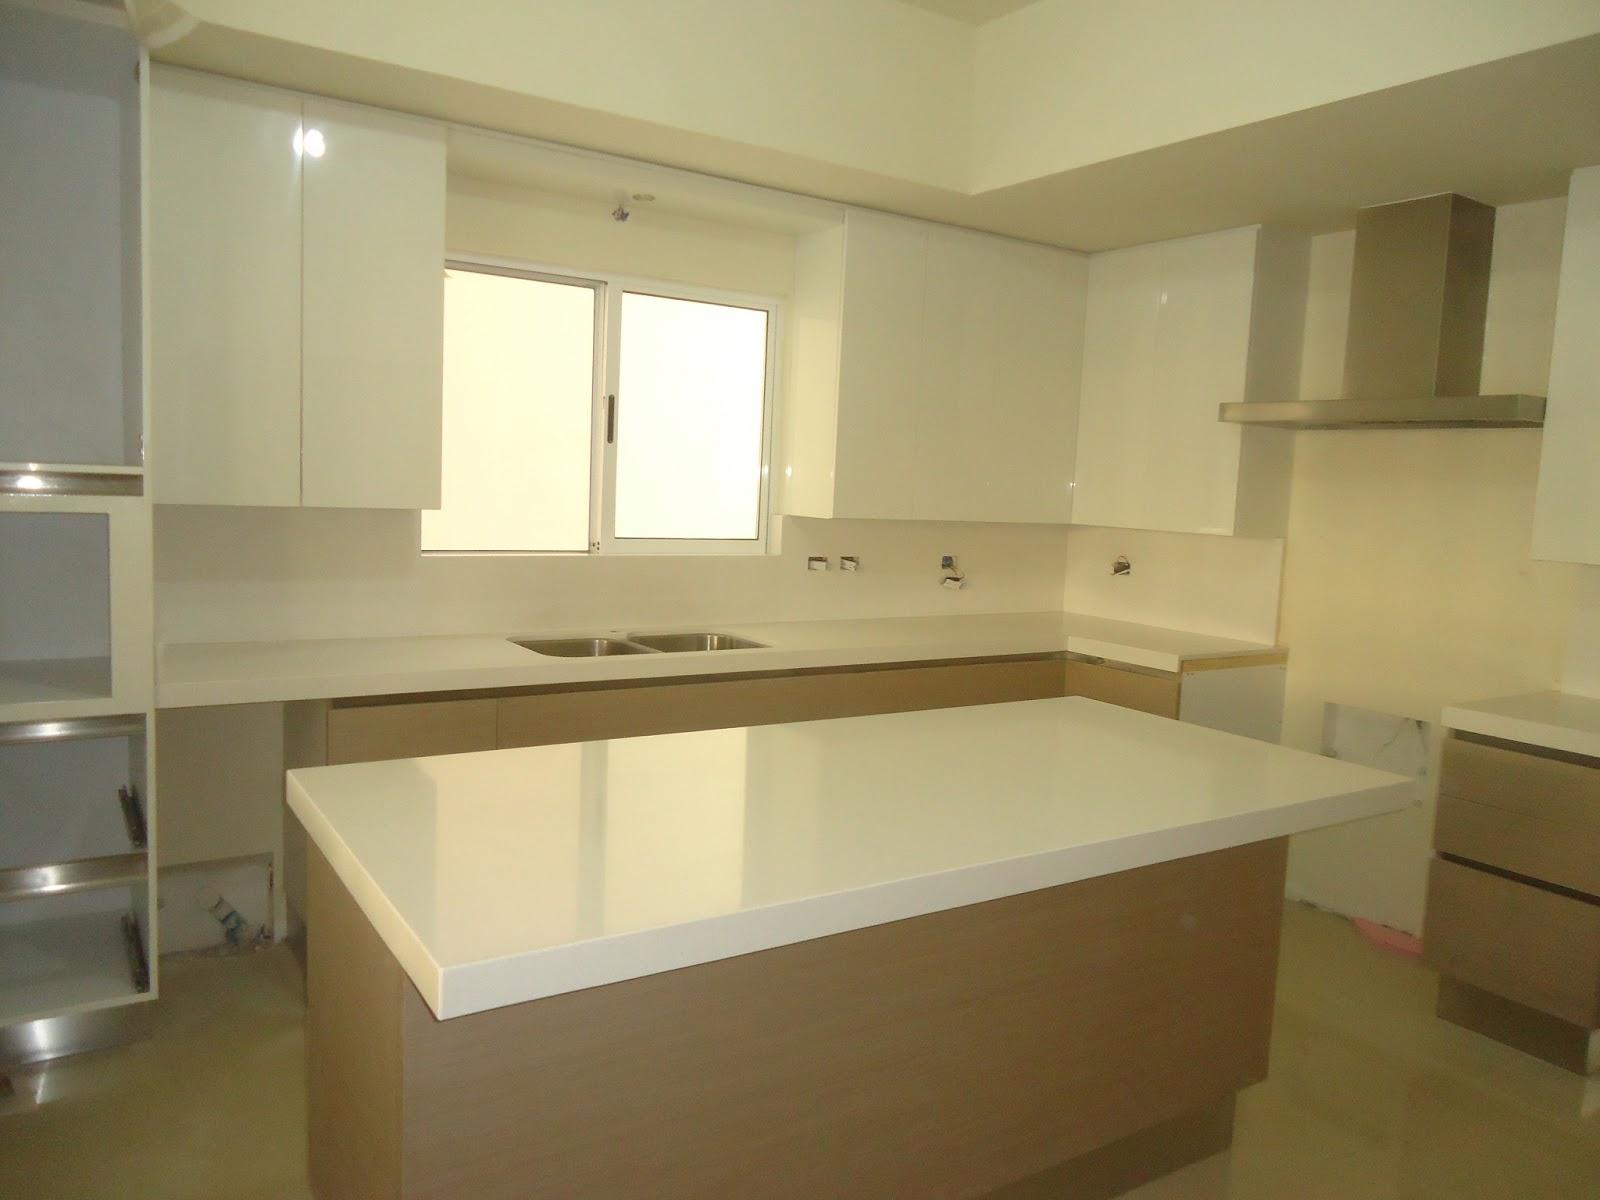 Cubiertas de granito para cocina y lavamanos for Granito blanco para cocina